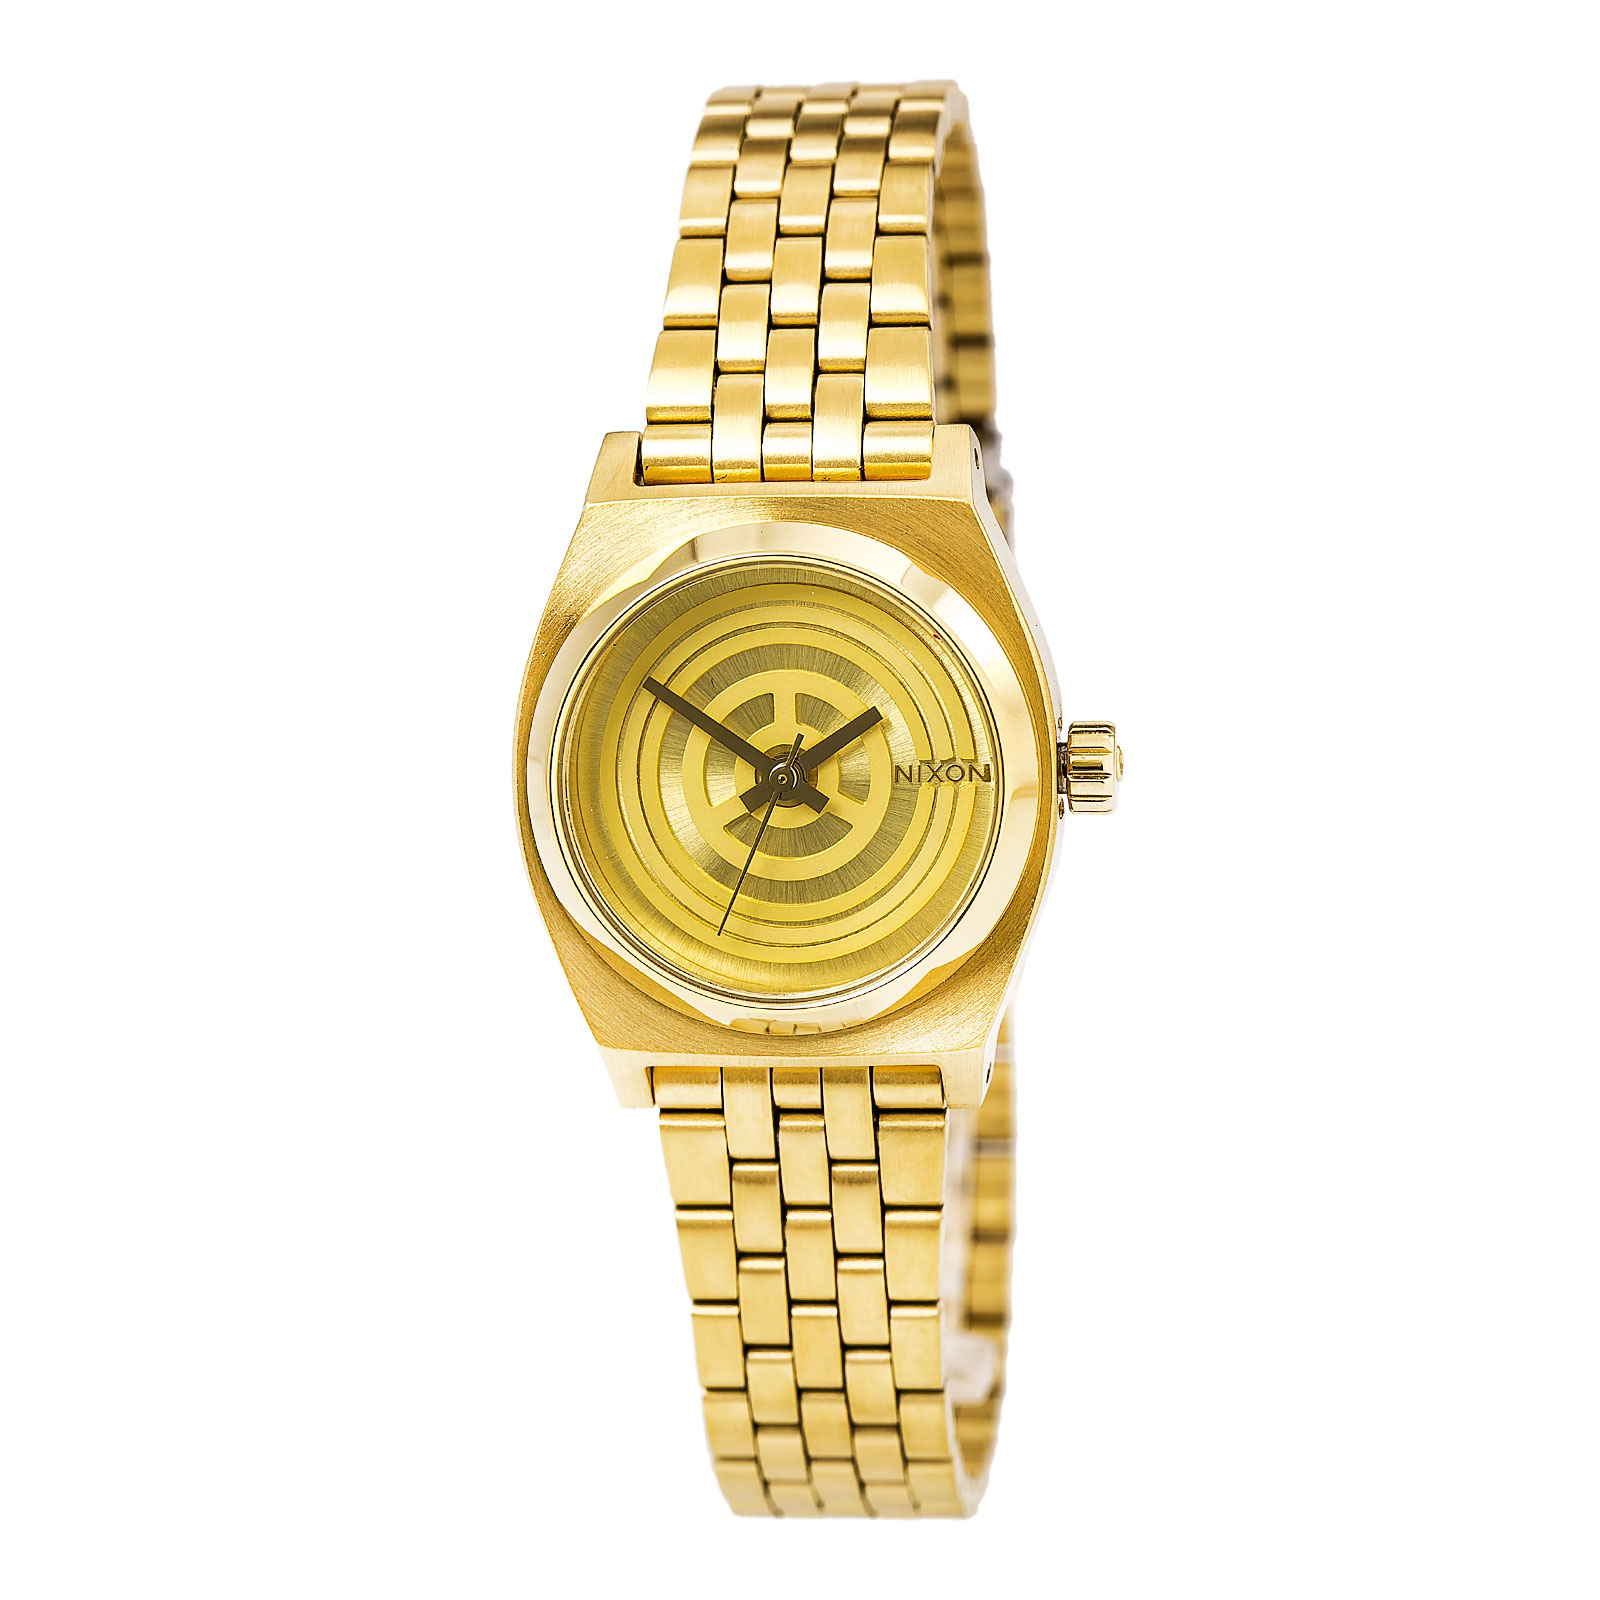 นาฬิกาผู้หญิง Nixon รุ่น A399SW2378, STAR WARS Small Time Teller